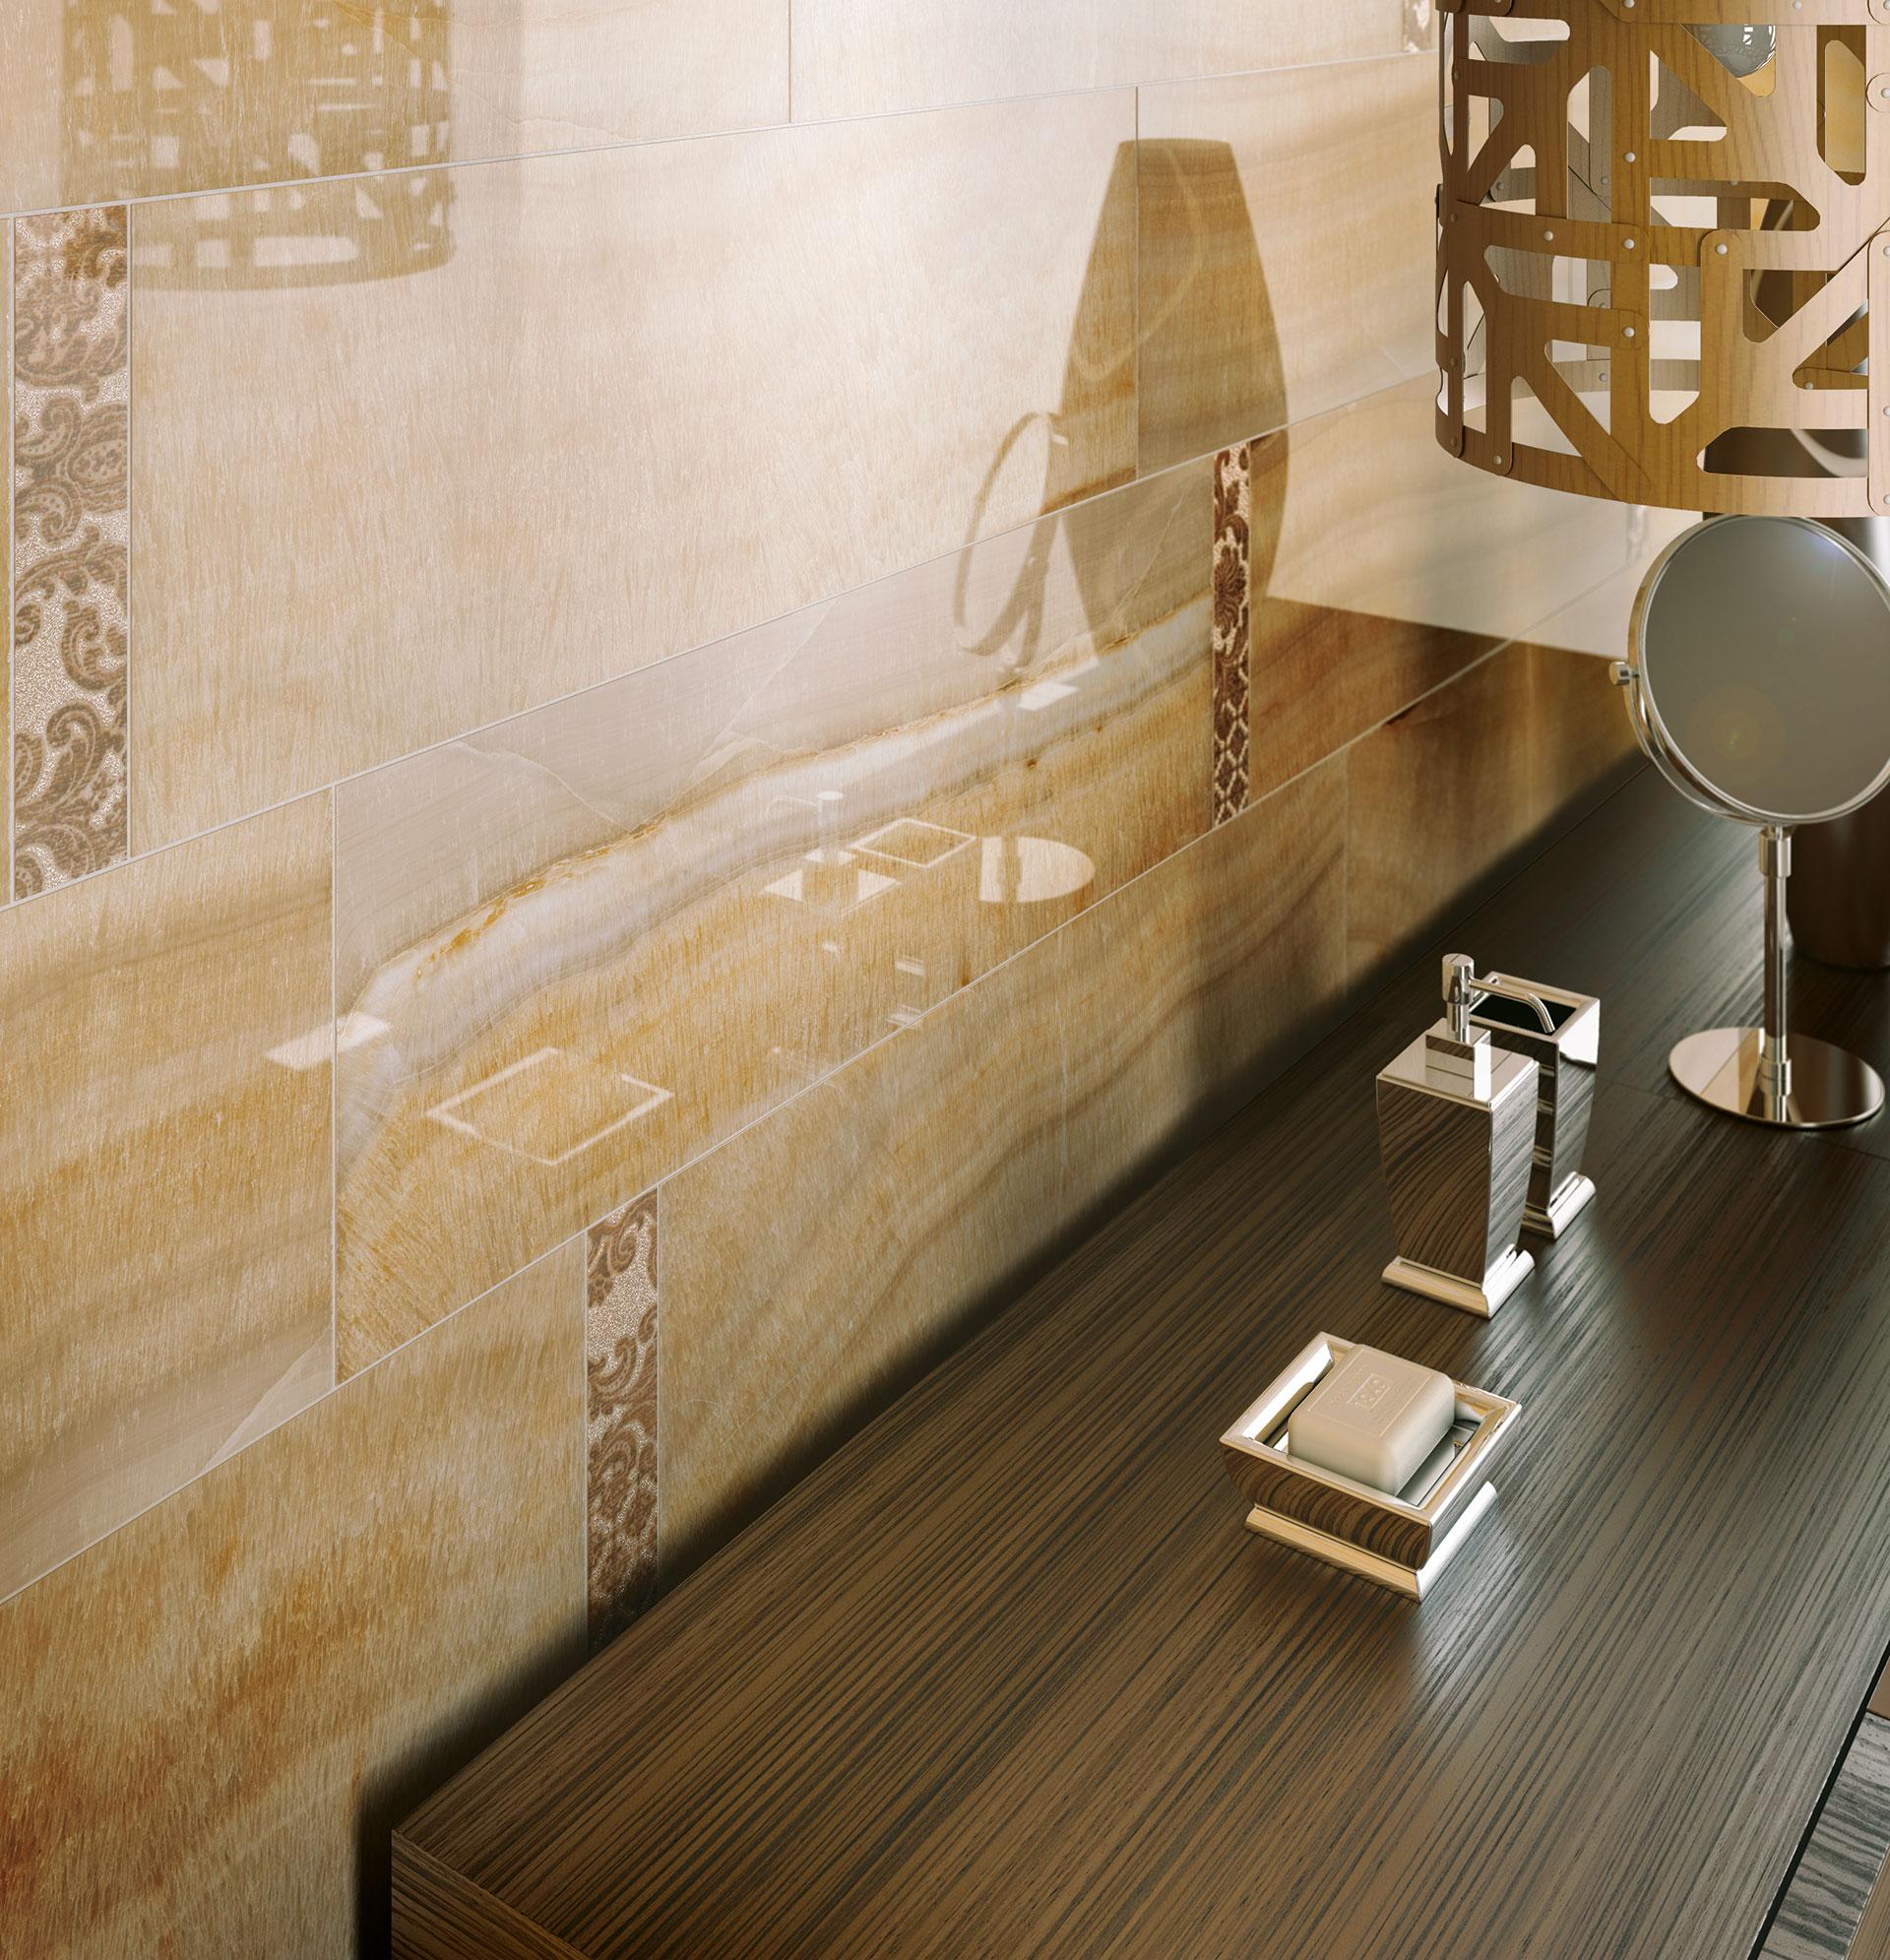 La fascinación de los ambientes clásicos IRIS: pavimentos y revestimientos Muse